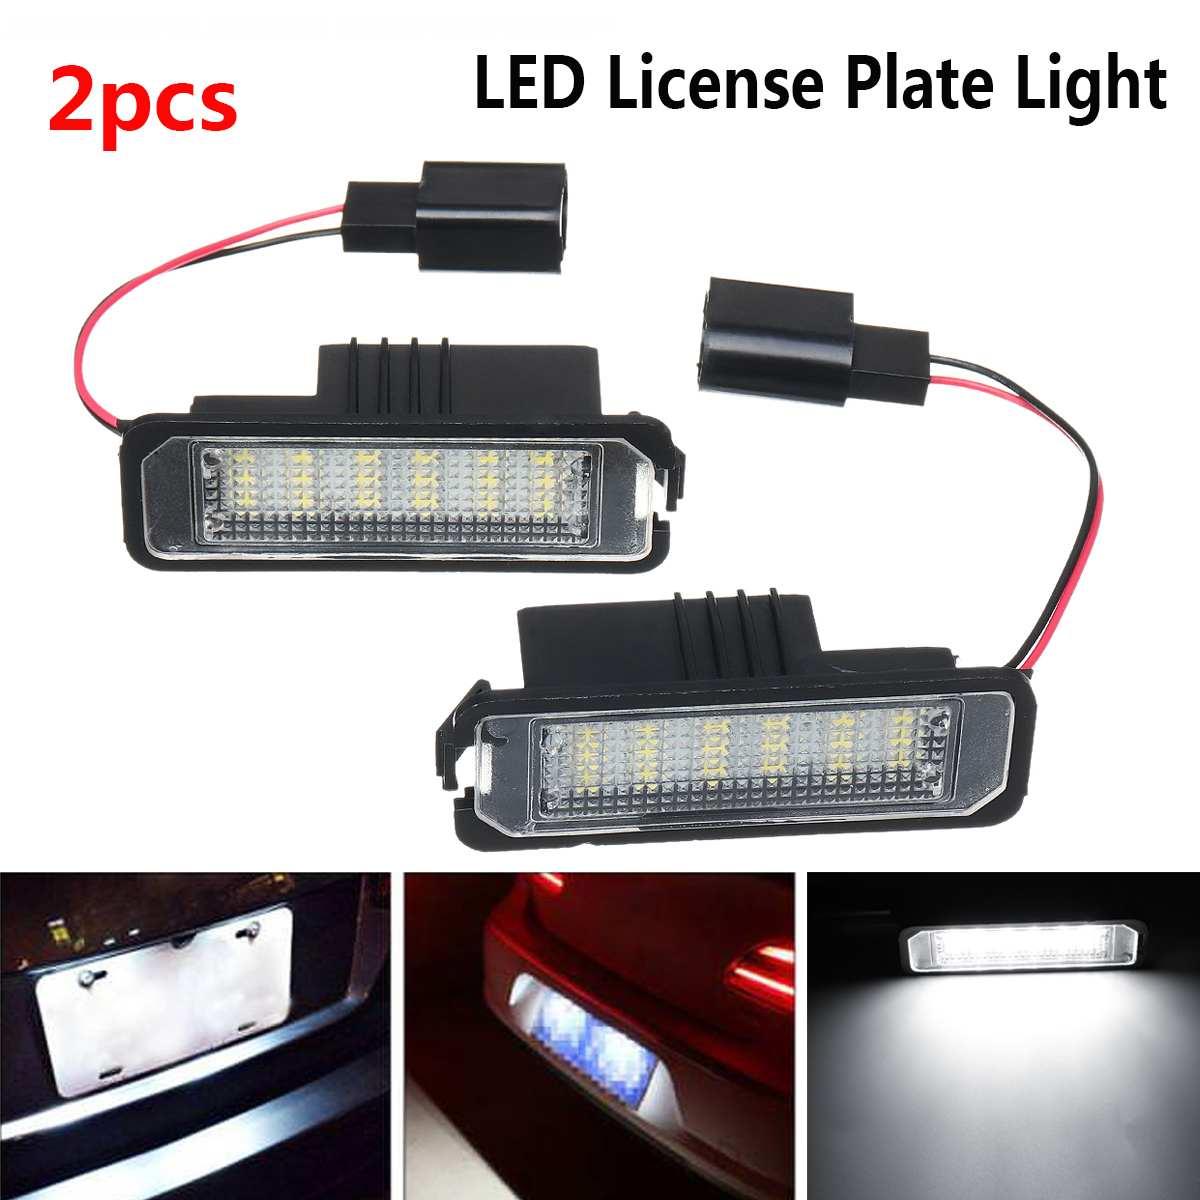 2Pcs 12V 5W LED מספר לוחית רישוי אור מנורות עבור פולקסווגן גולף 4 6 פולו 9N עבור פאסאט רכב לוחית רישוי אורות חיצוני גישה